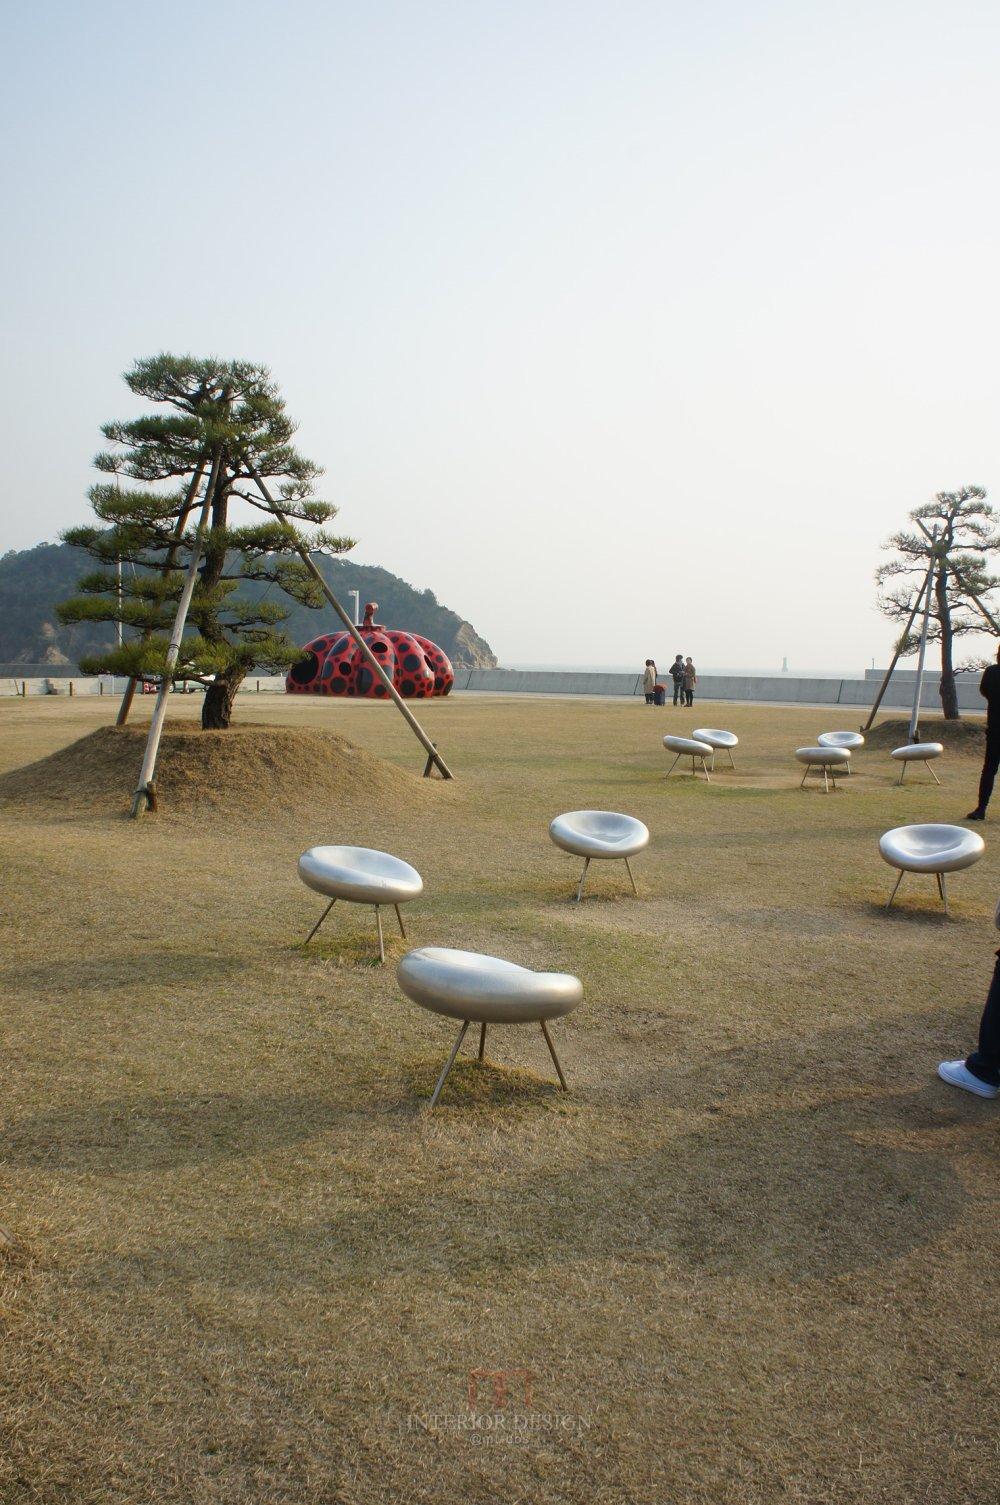 #伙伴一起看日本#  日本设计考察分享(更新美秀美术馆)_DSC05963.JPG